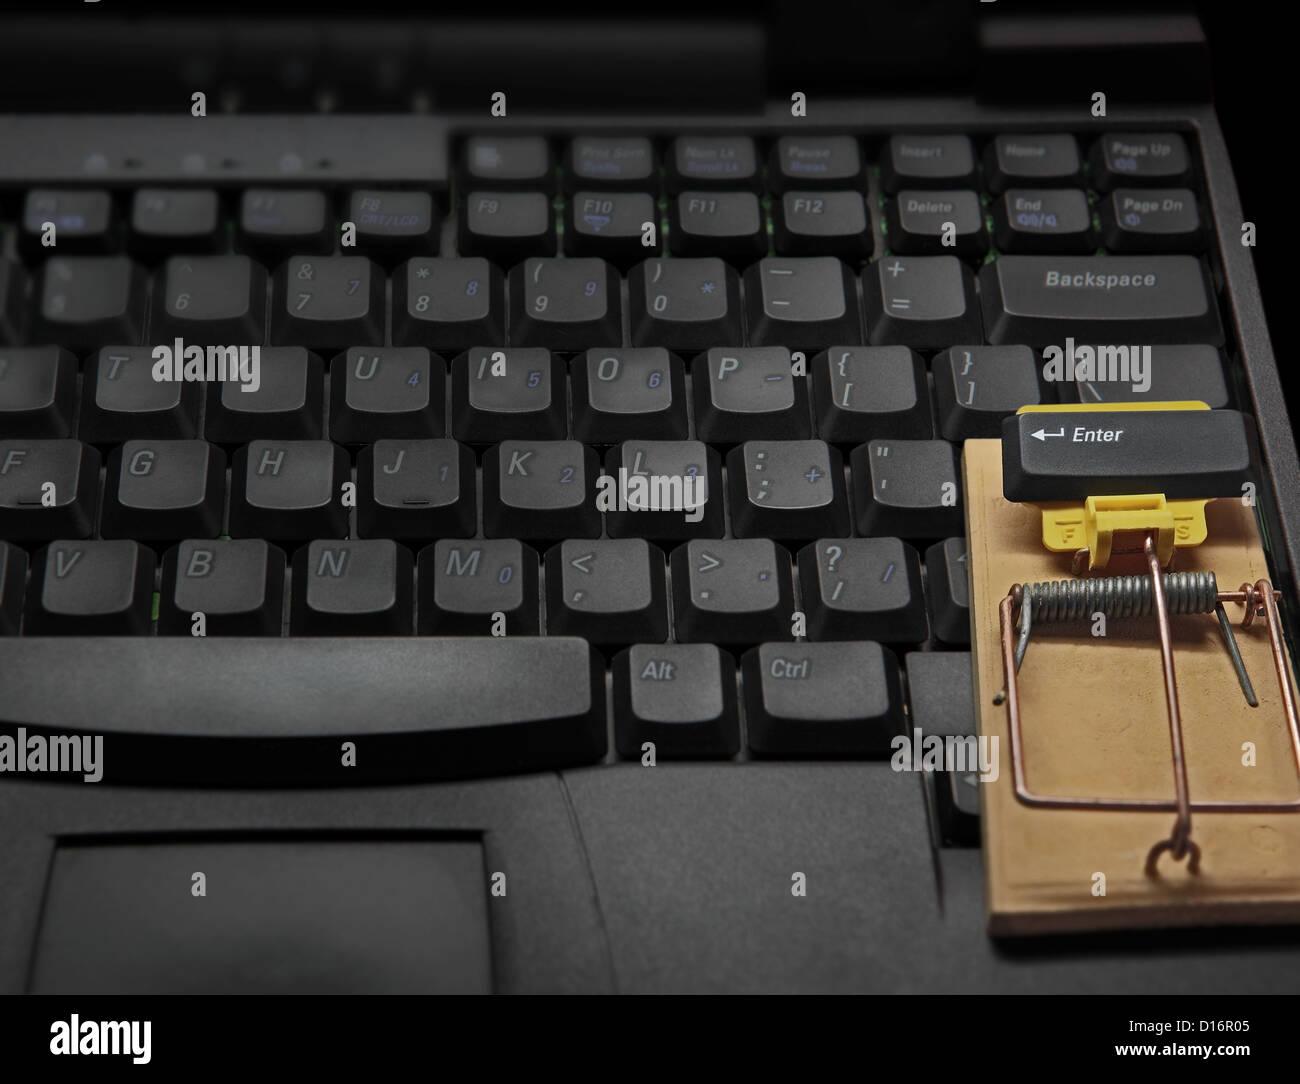 Sulla tastiera del computer possiamo vedere un mousetrap. Sfortuna per chi dovrà premere il tasto di invio Immagini Stock